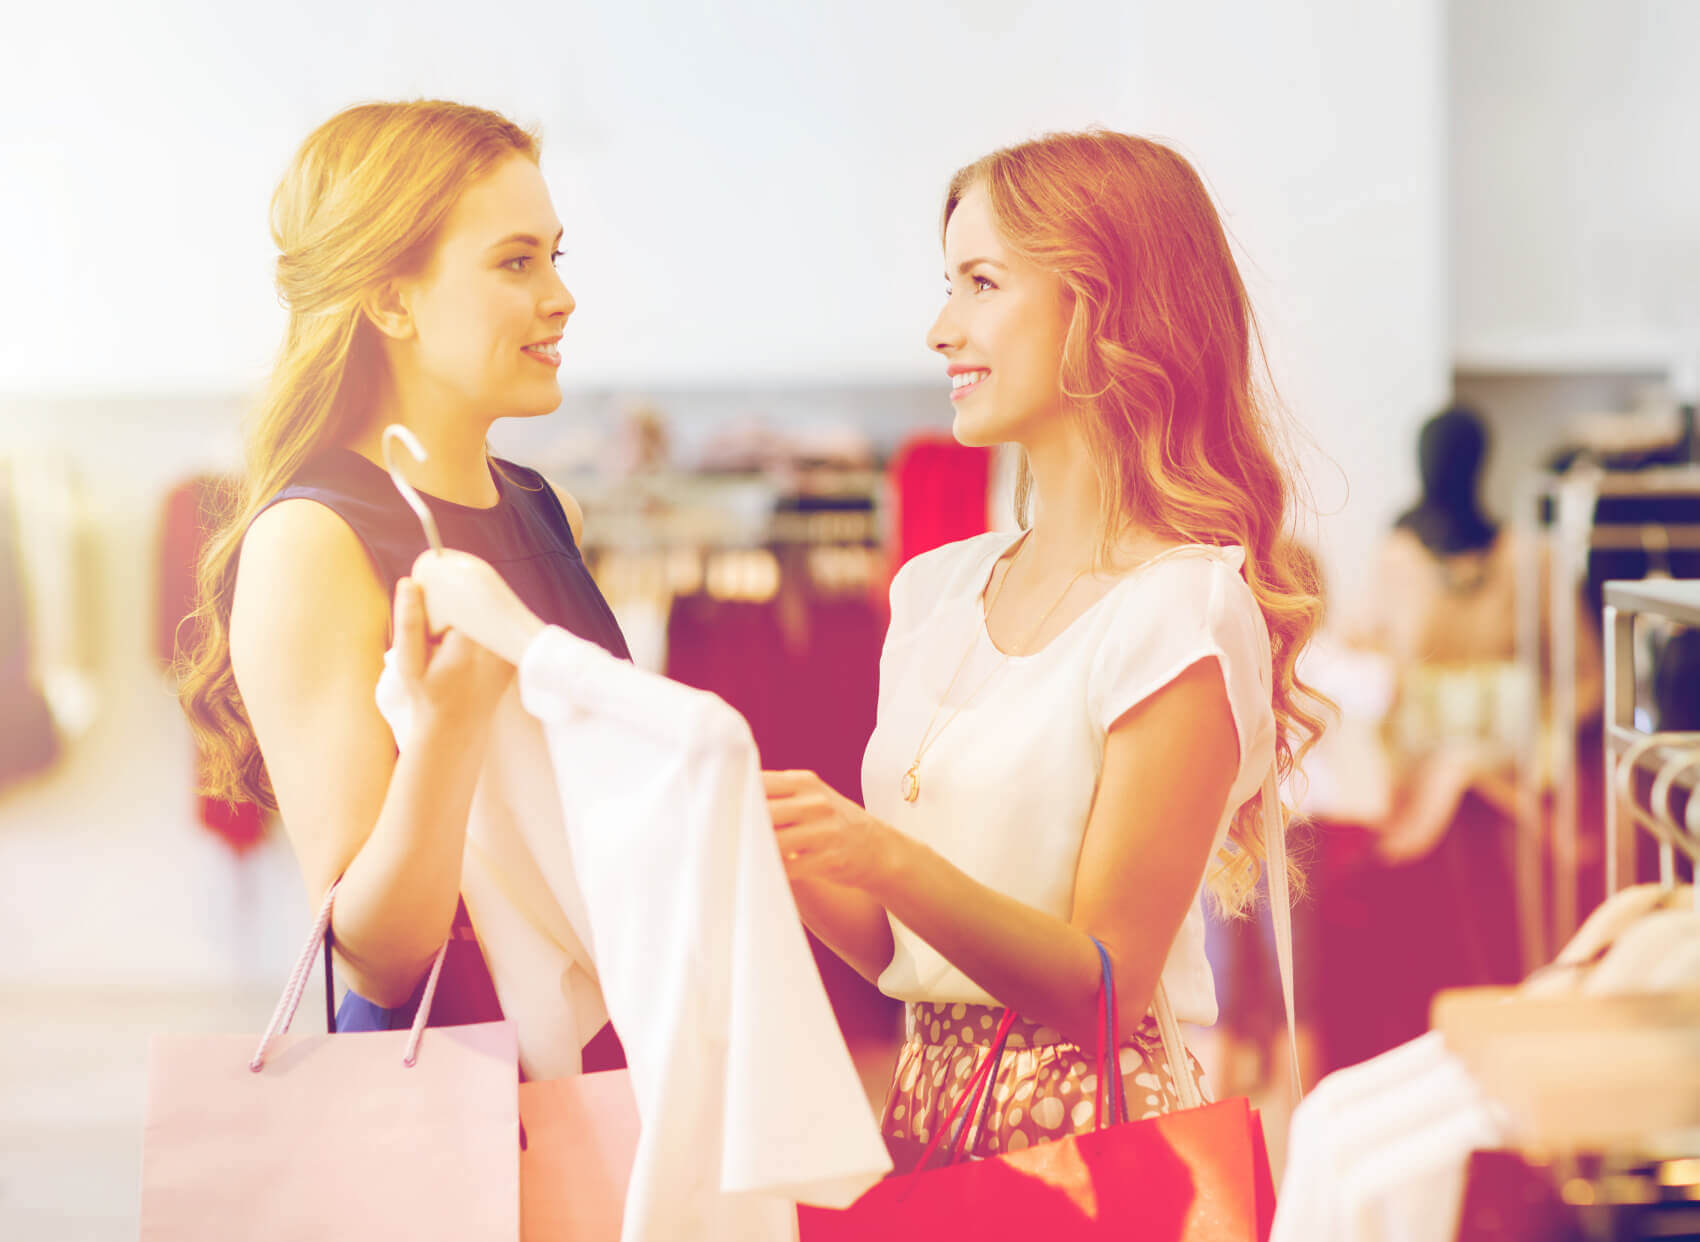 Frauen-beim-Einkaufen-1